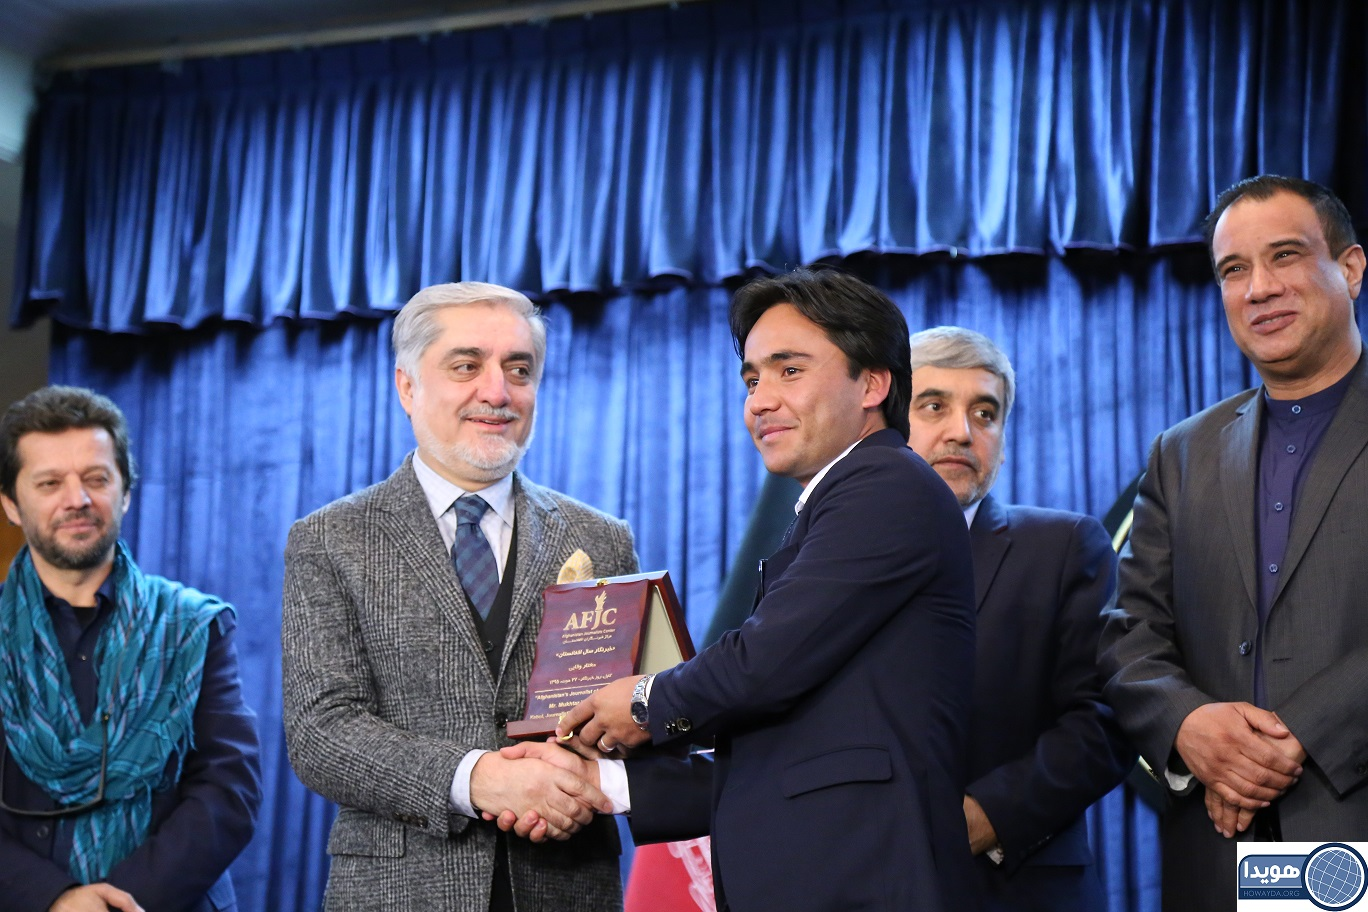 مختار وفایی جایزه خبرنگار سال افغانستان را از آن خود کرد